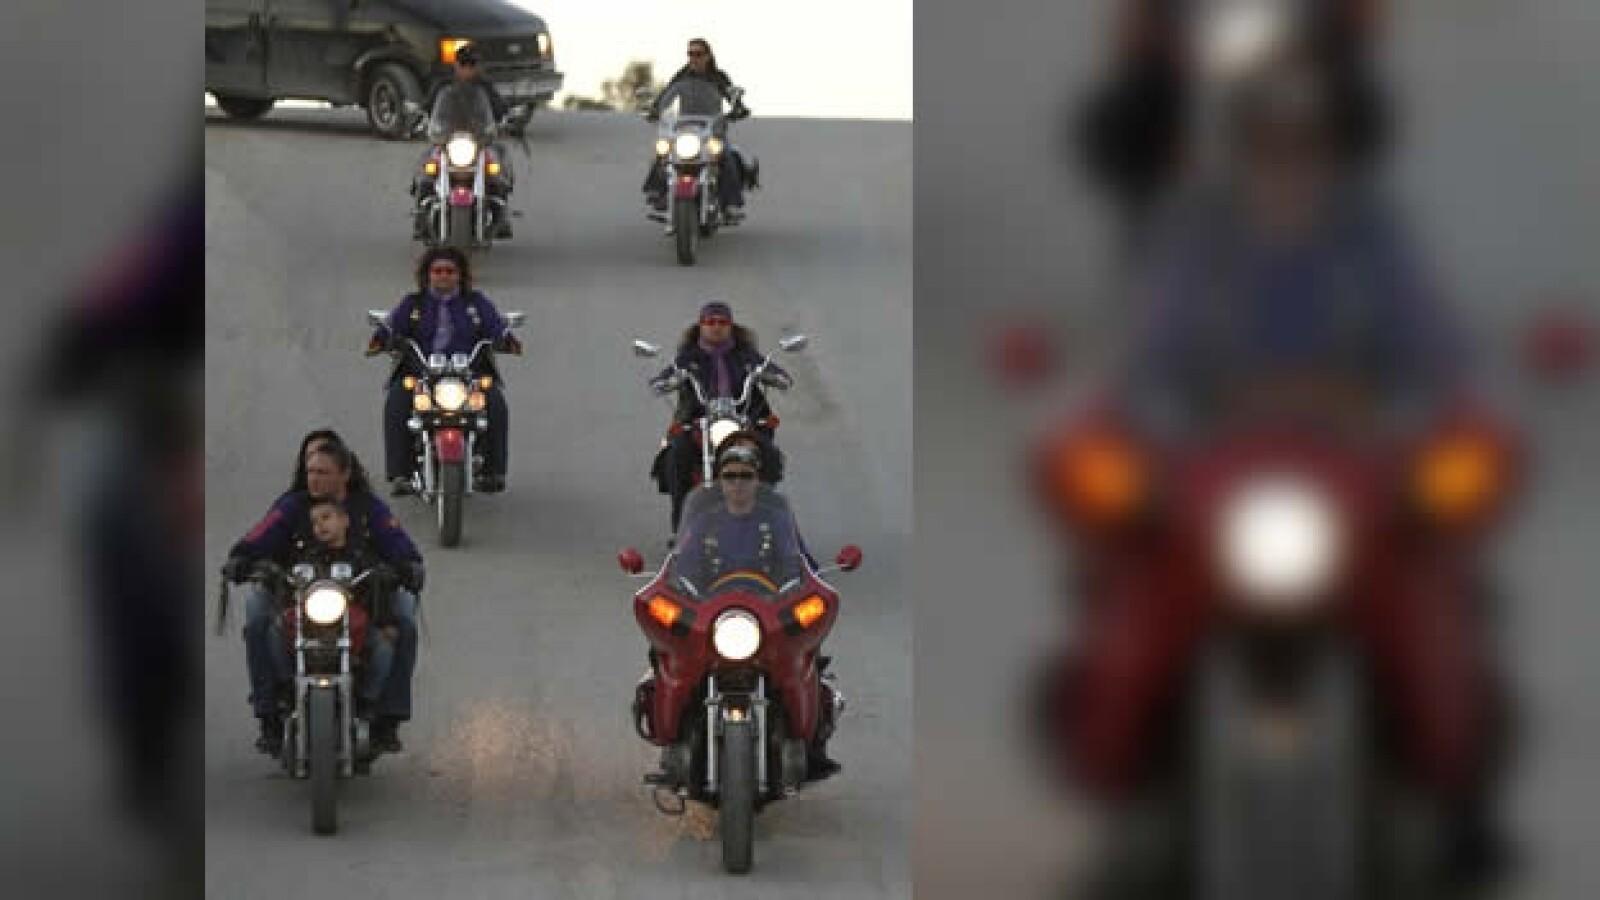 Las Guerreras motociclistas Ciudad Juarez